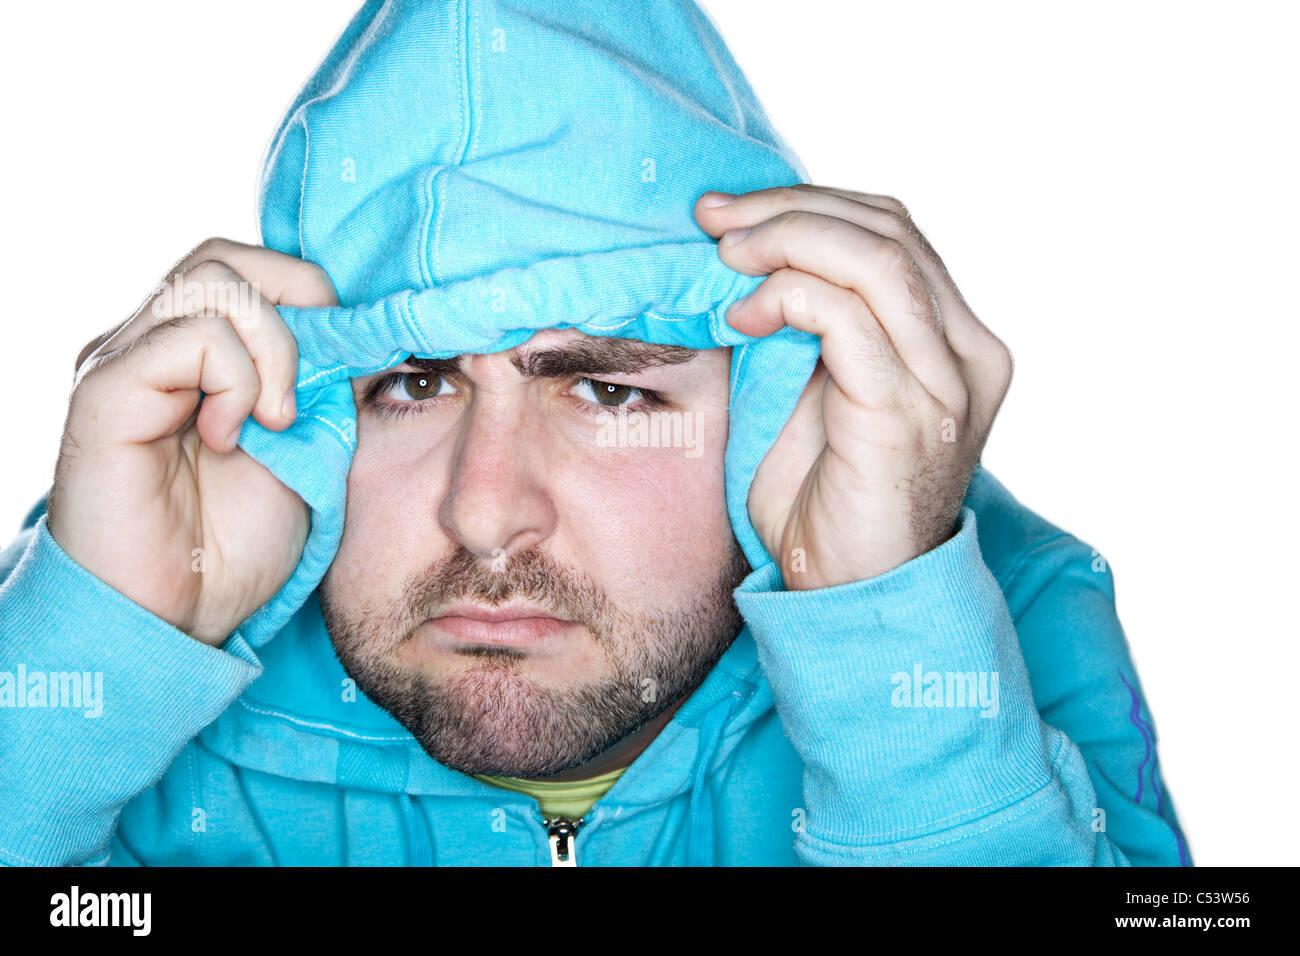 Un maschio caucasico con un espressione quizzical tira la cappa verso il basso sulla sua fronte. Immagini Stock